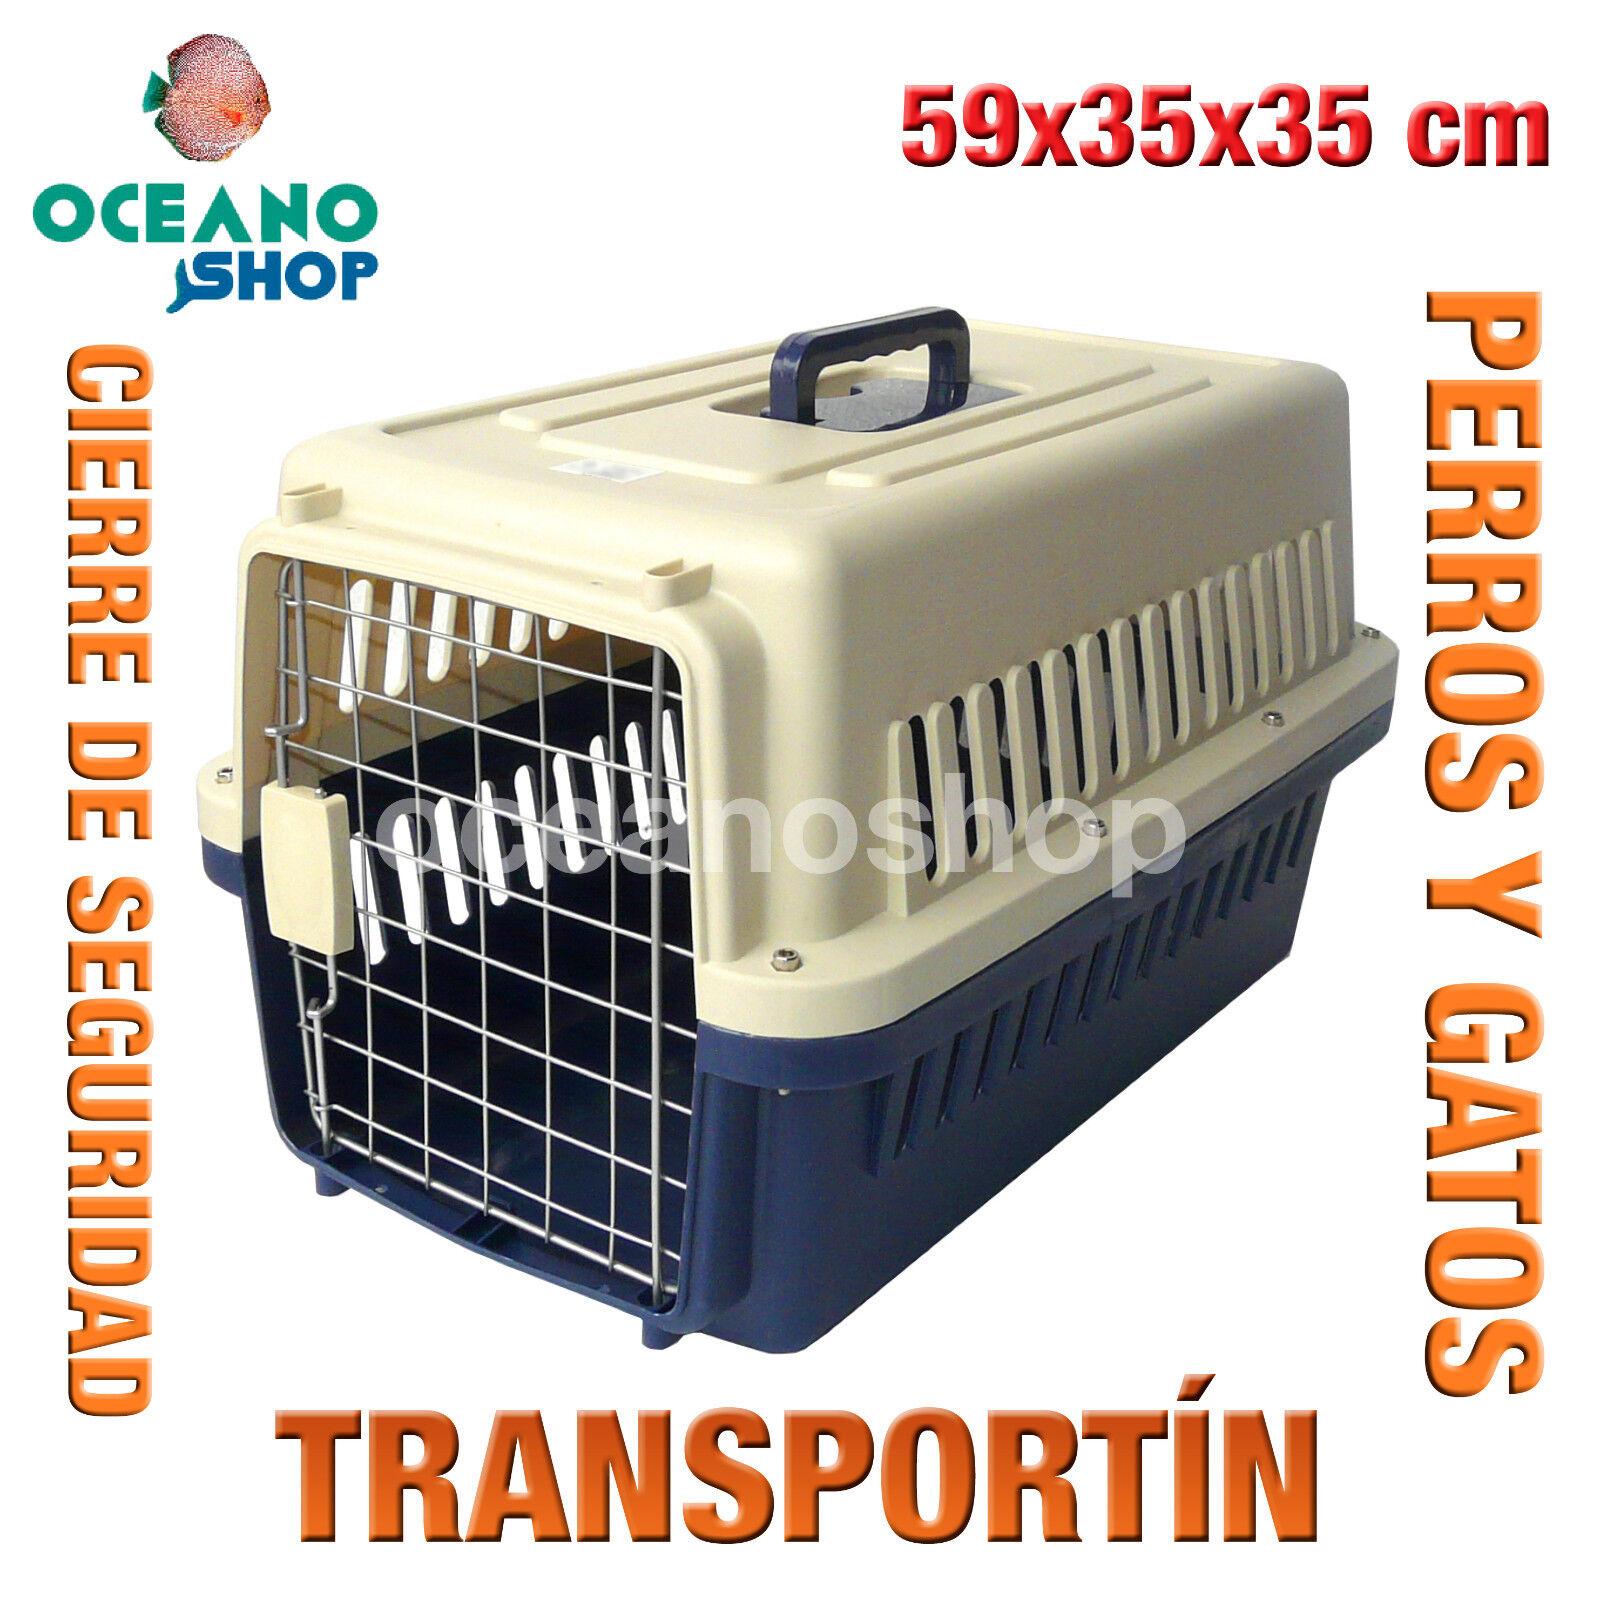 TRANSPORTIN PERROS Y GATOS PLASTICO CALIDAD CIERRE Y ASA 59x35x35 cm D530...